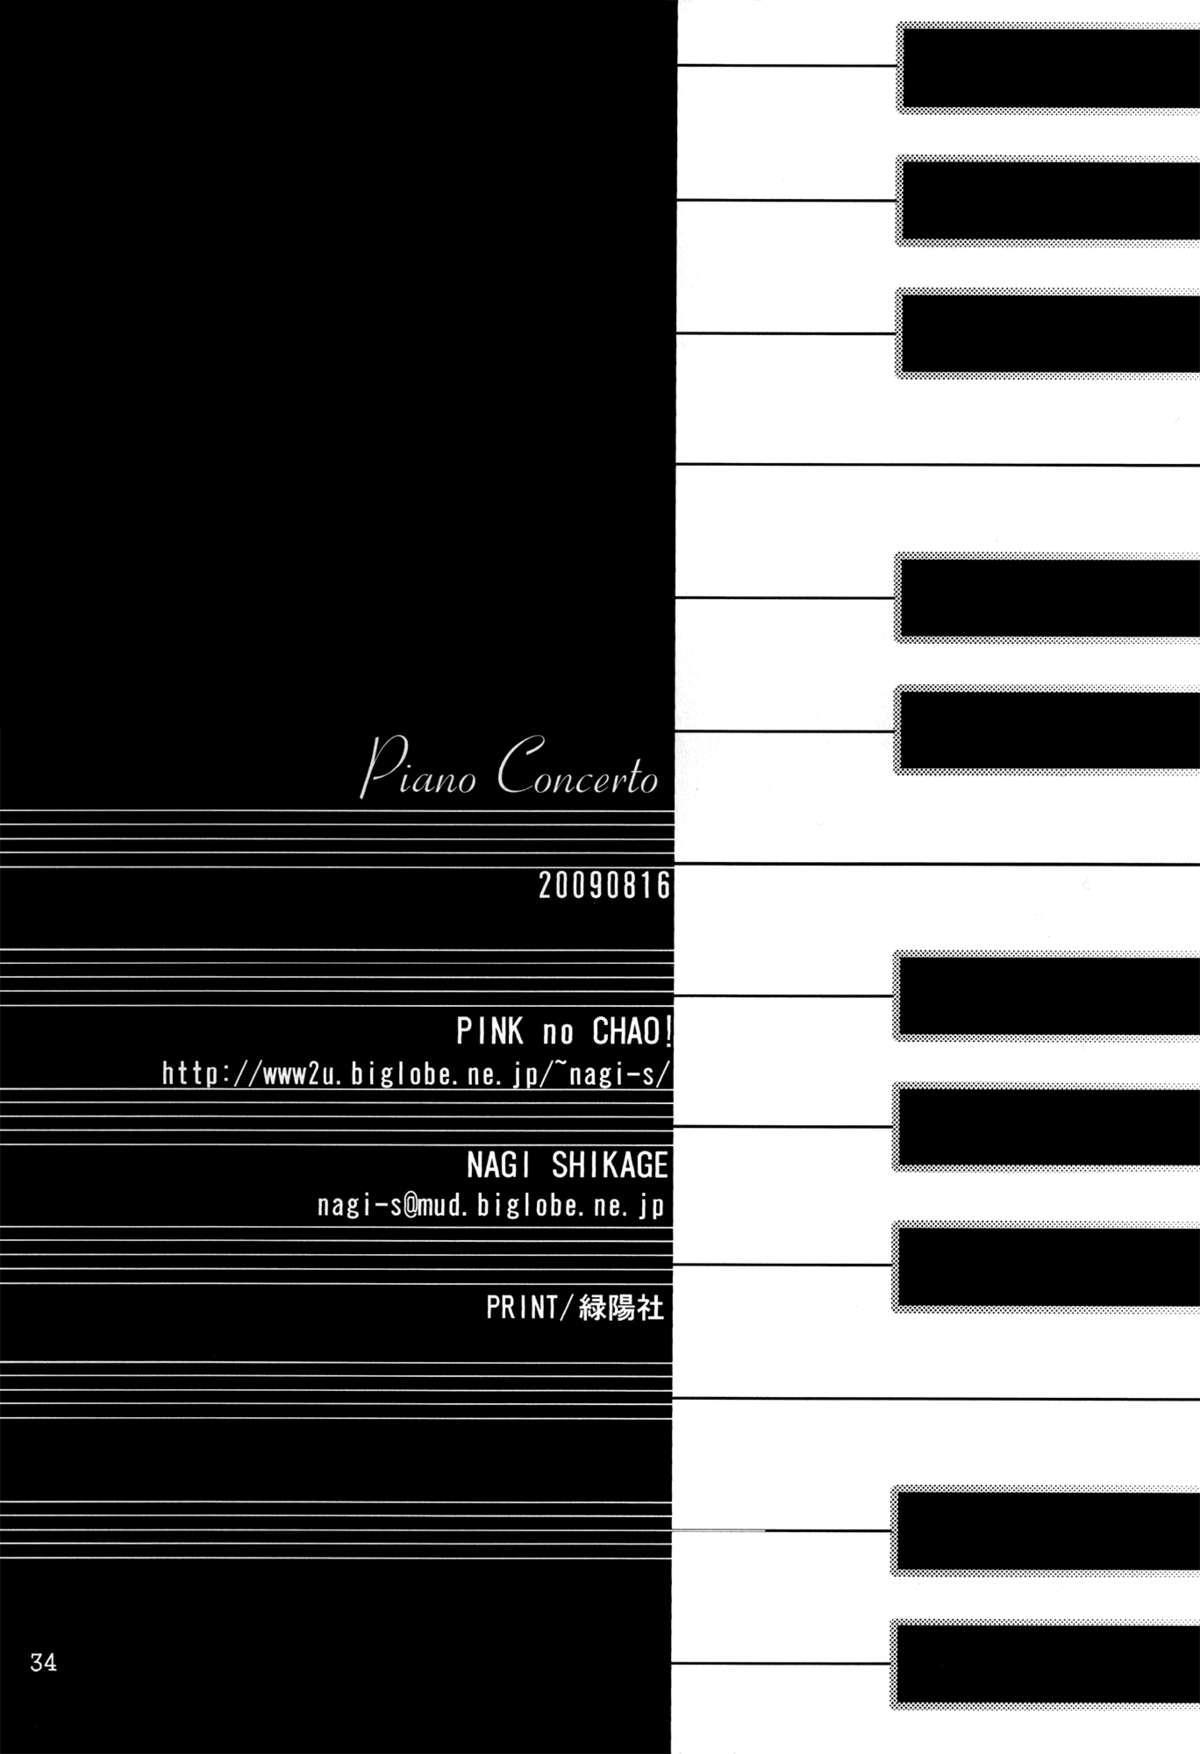 Piano Concerto 32